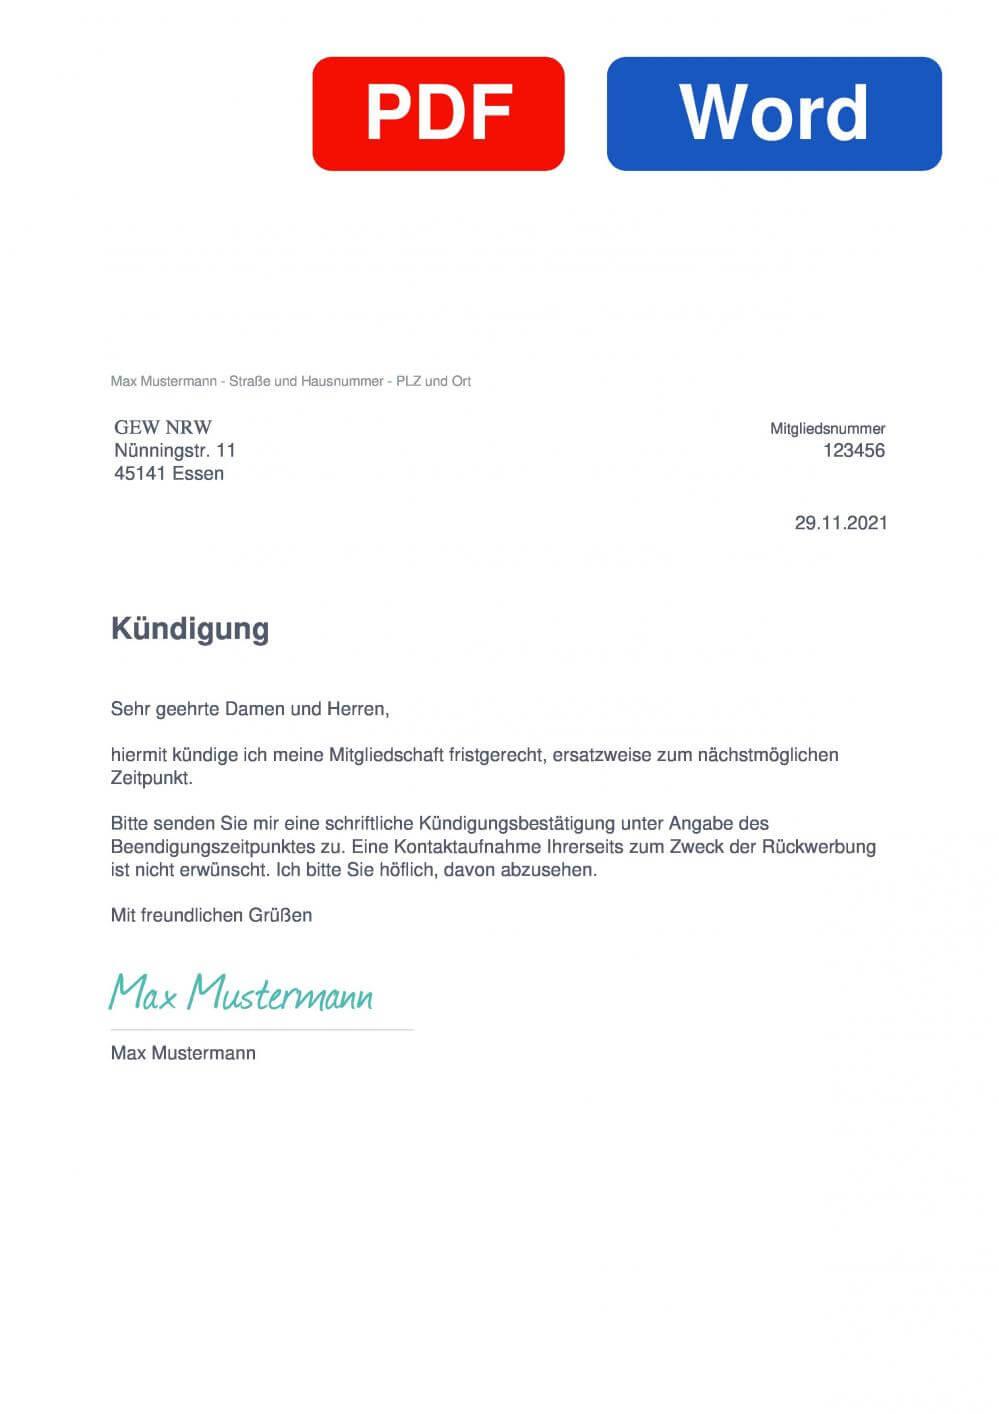 GEW NRW Muster Vorlage für Kündigungsschreiben